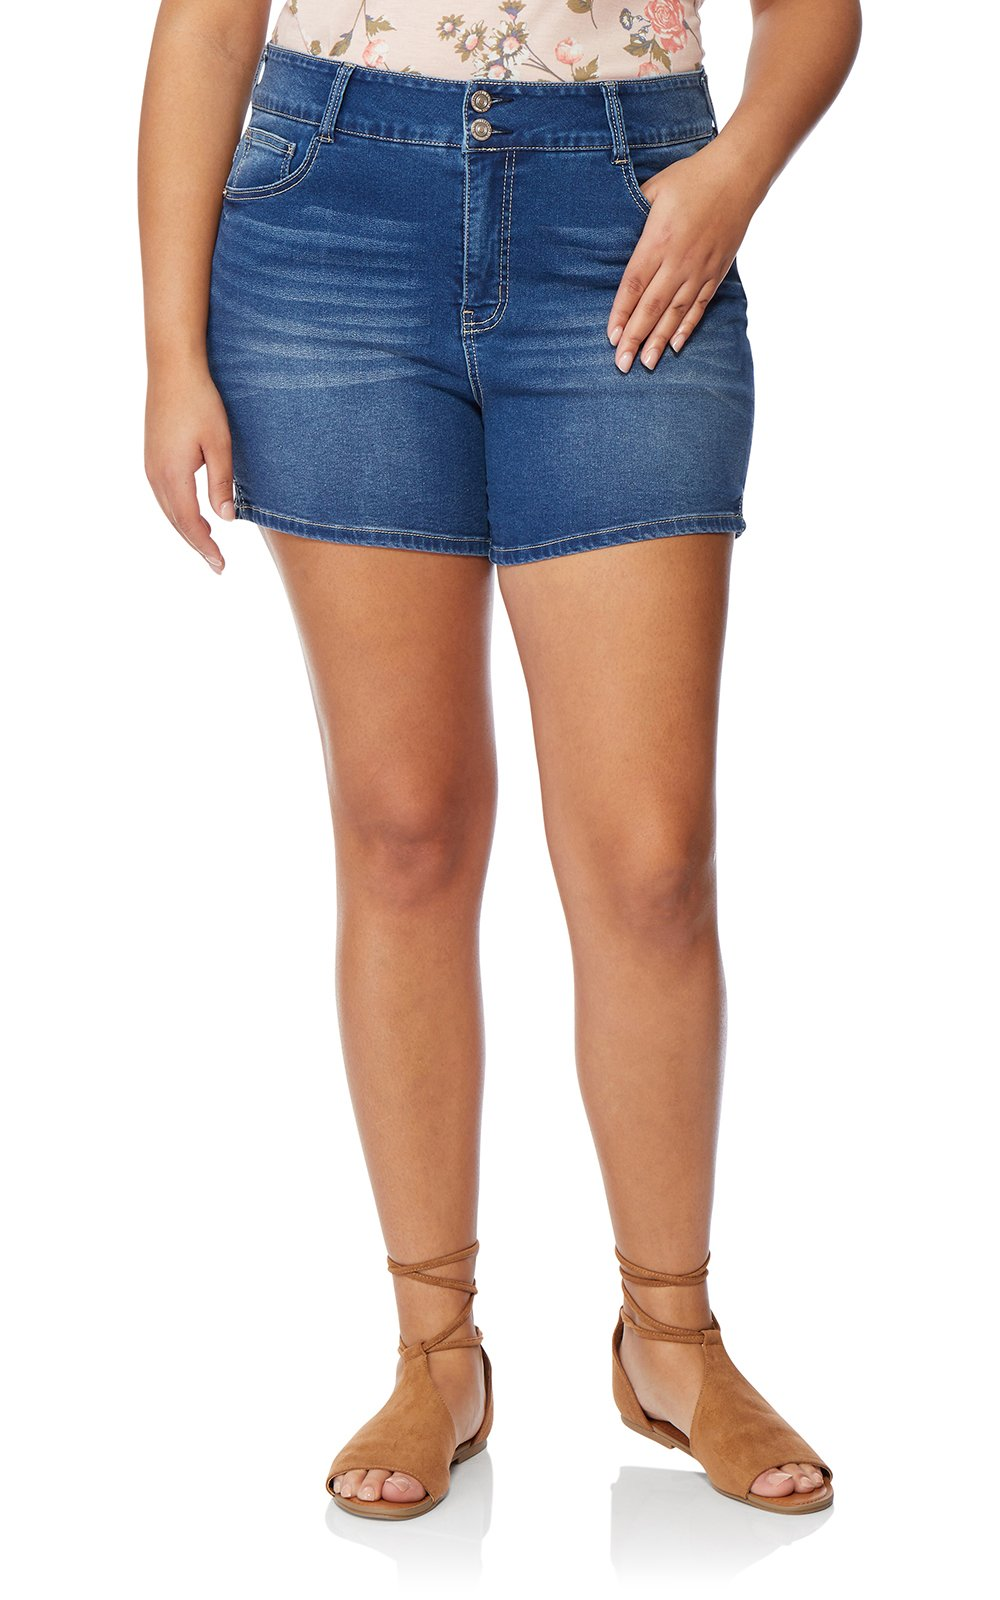 WallFlower Women's-Juniors Plus Size InstaSoft Ultra Fit Shorts in Lizette, 24 Plus